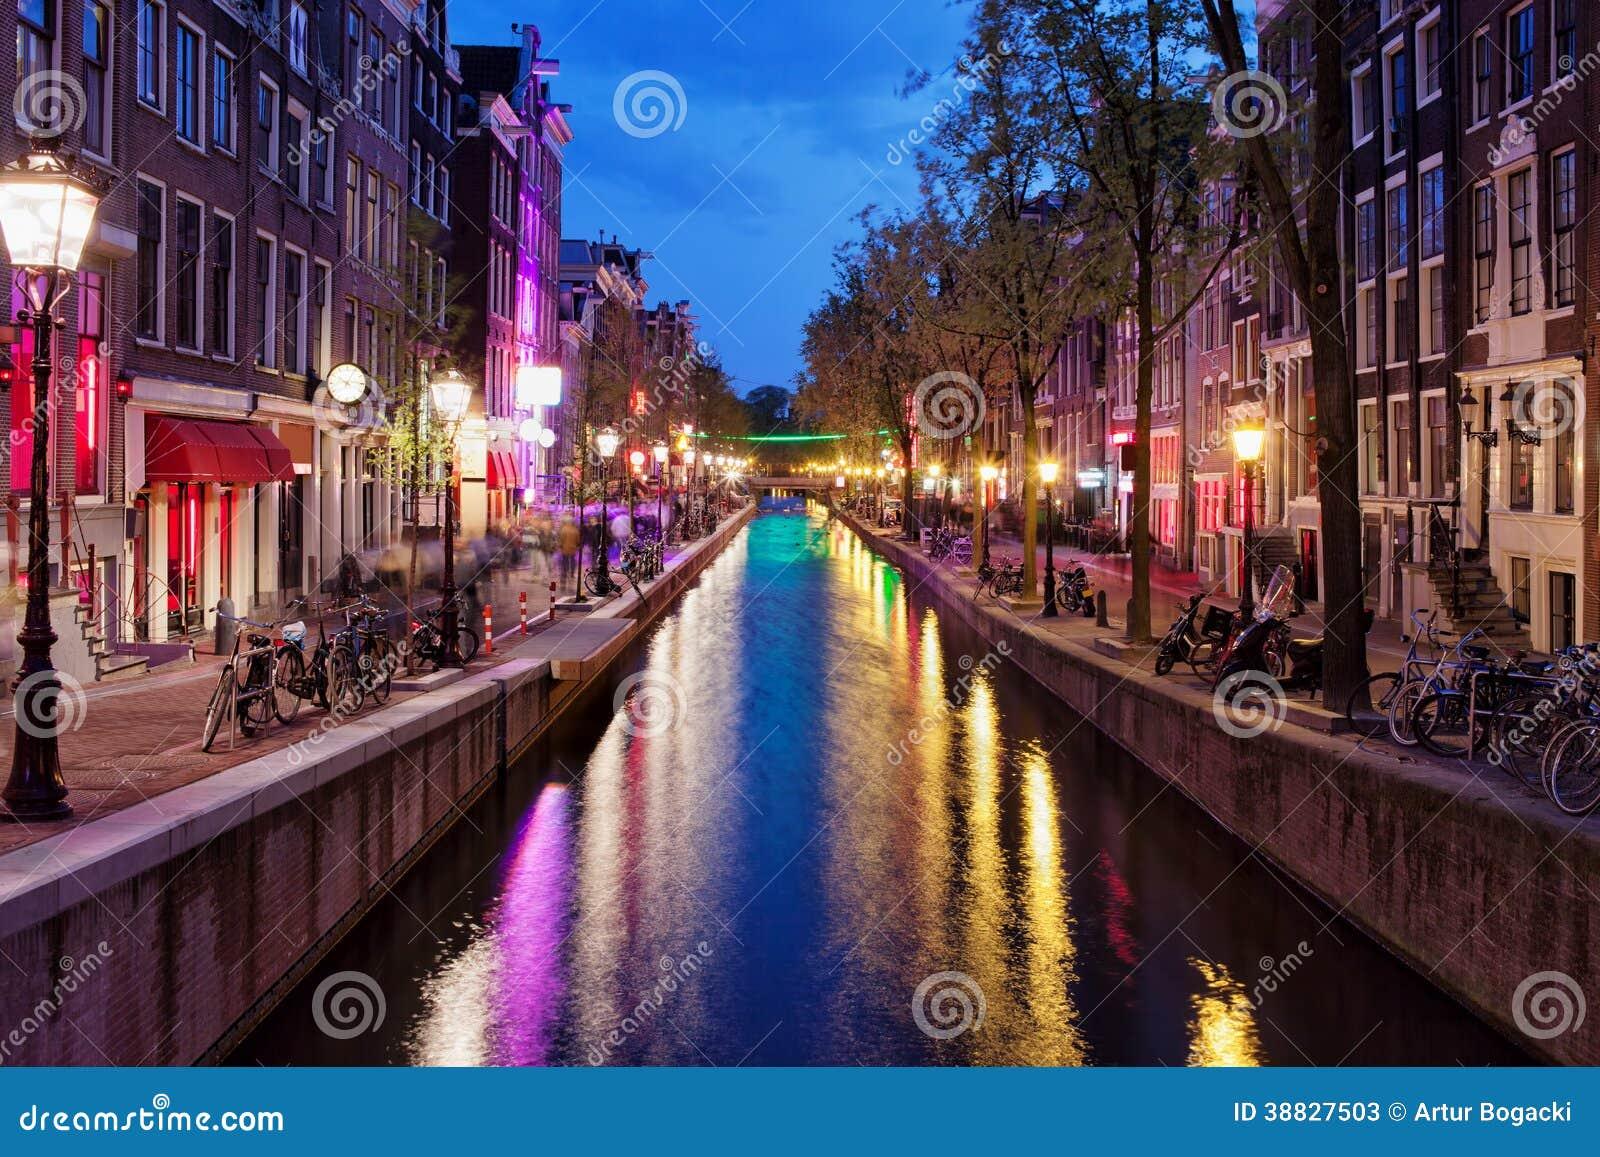 rotlichtviertel bis zum nacht in amsterdam stockbild bild von historisch cityscape 38827503. Black Bedroom Furniture Sets. Home Design Ideas